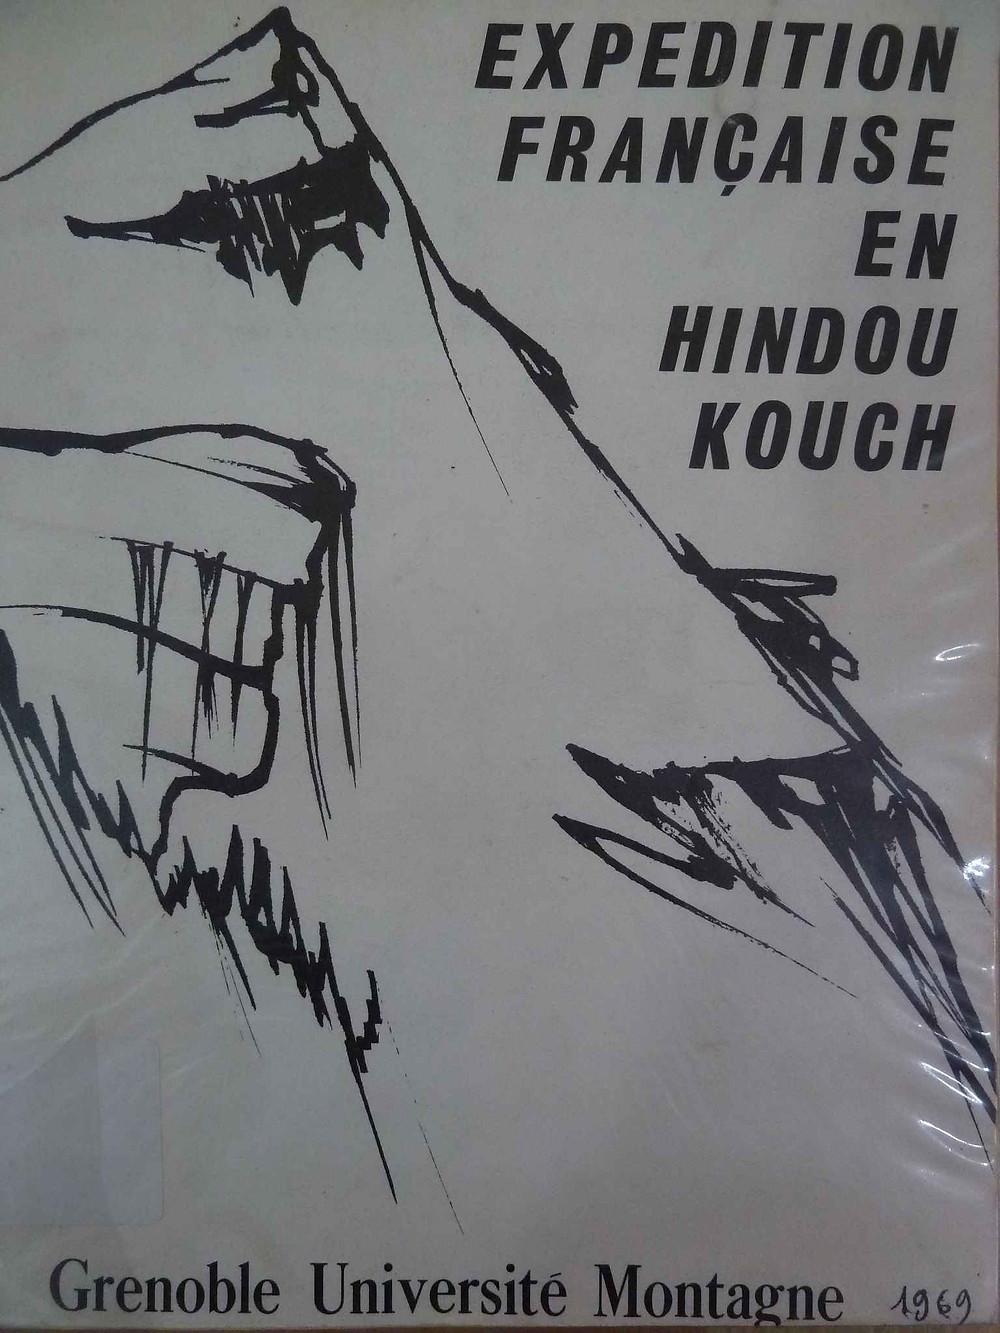 Livre Expedition française en Hindou Kouch, Afghanistan